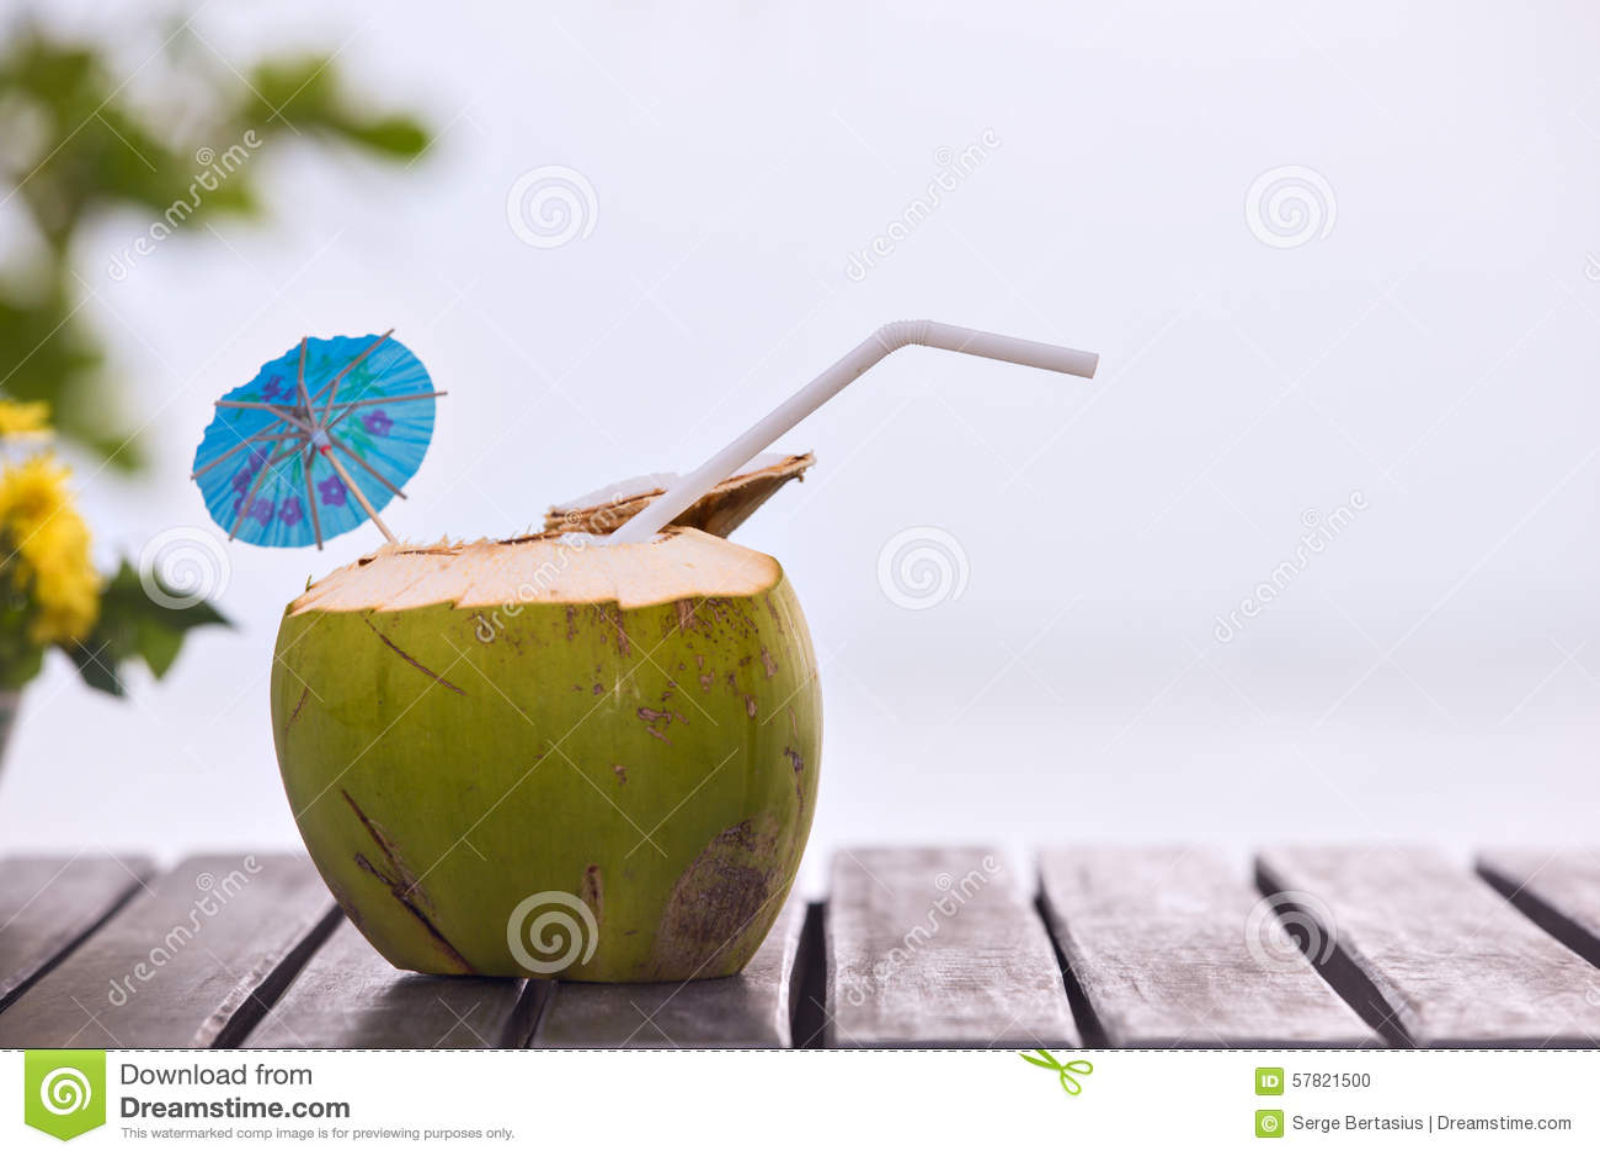 Bien connu La Boisson De L'eau De Noix De Coco A Servi En Noix De Coco Avec  IB92